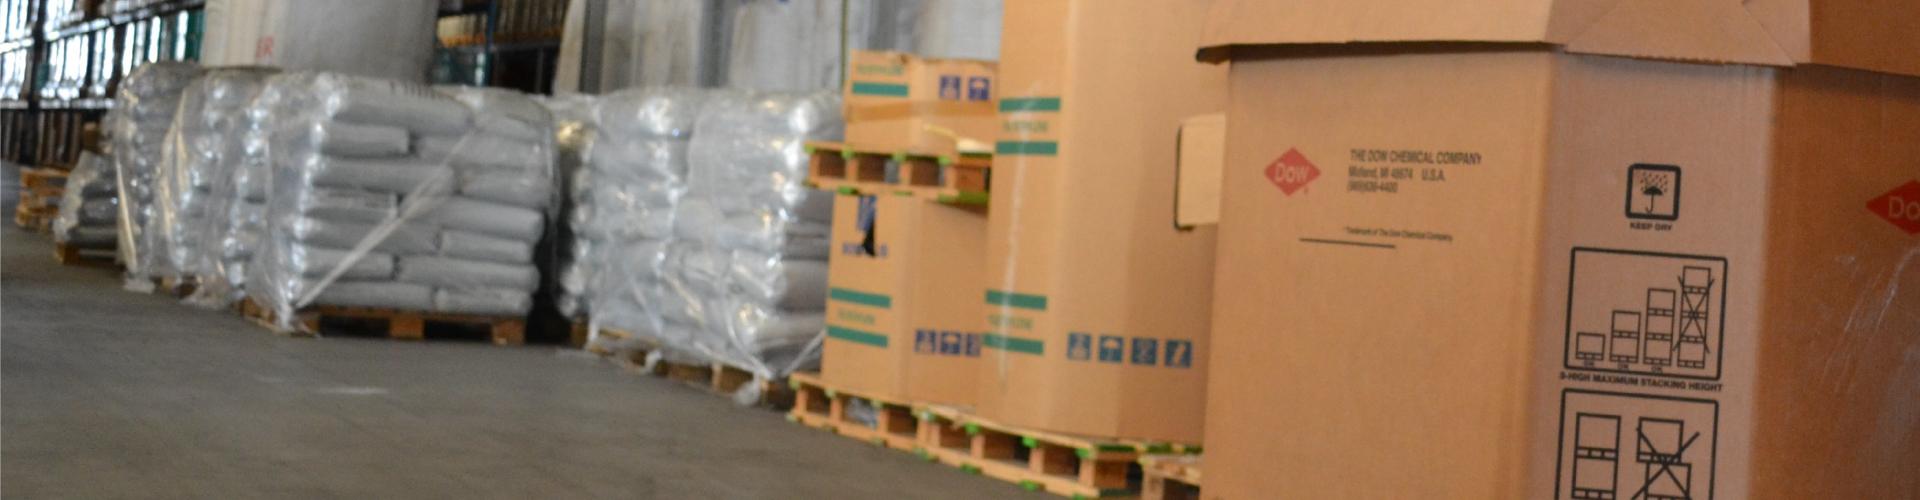 logistic51